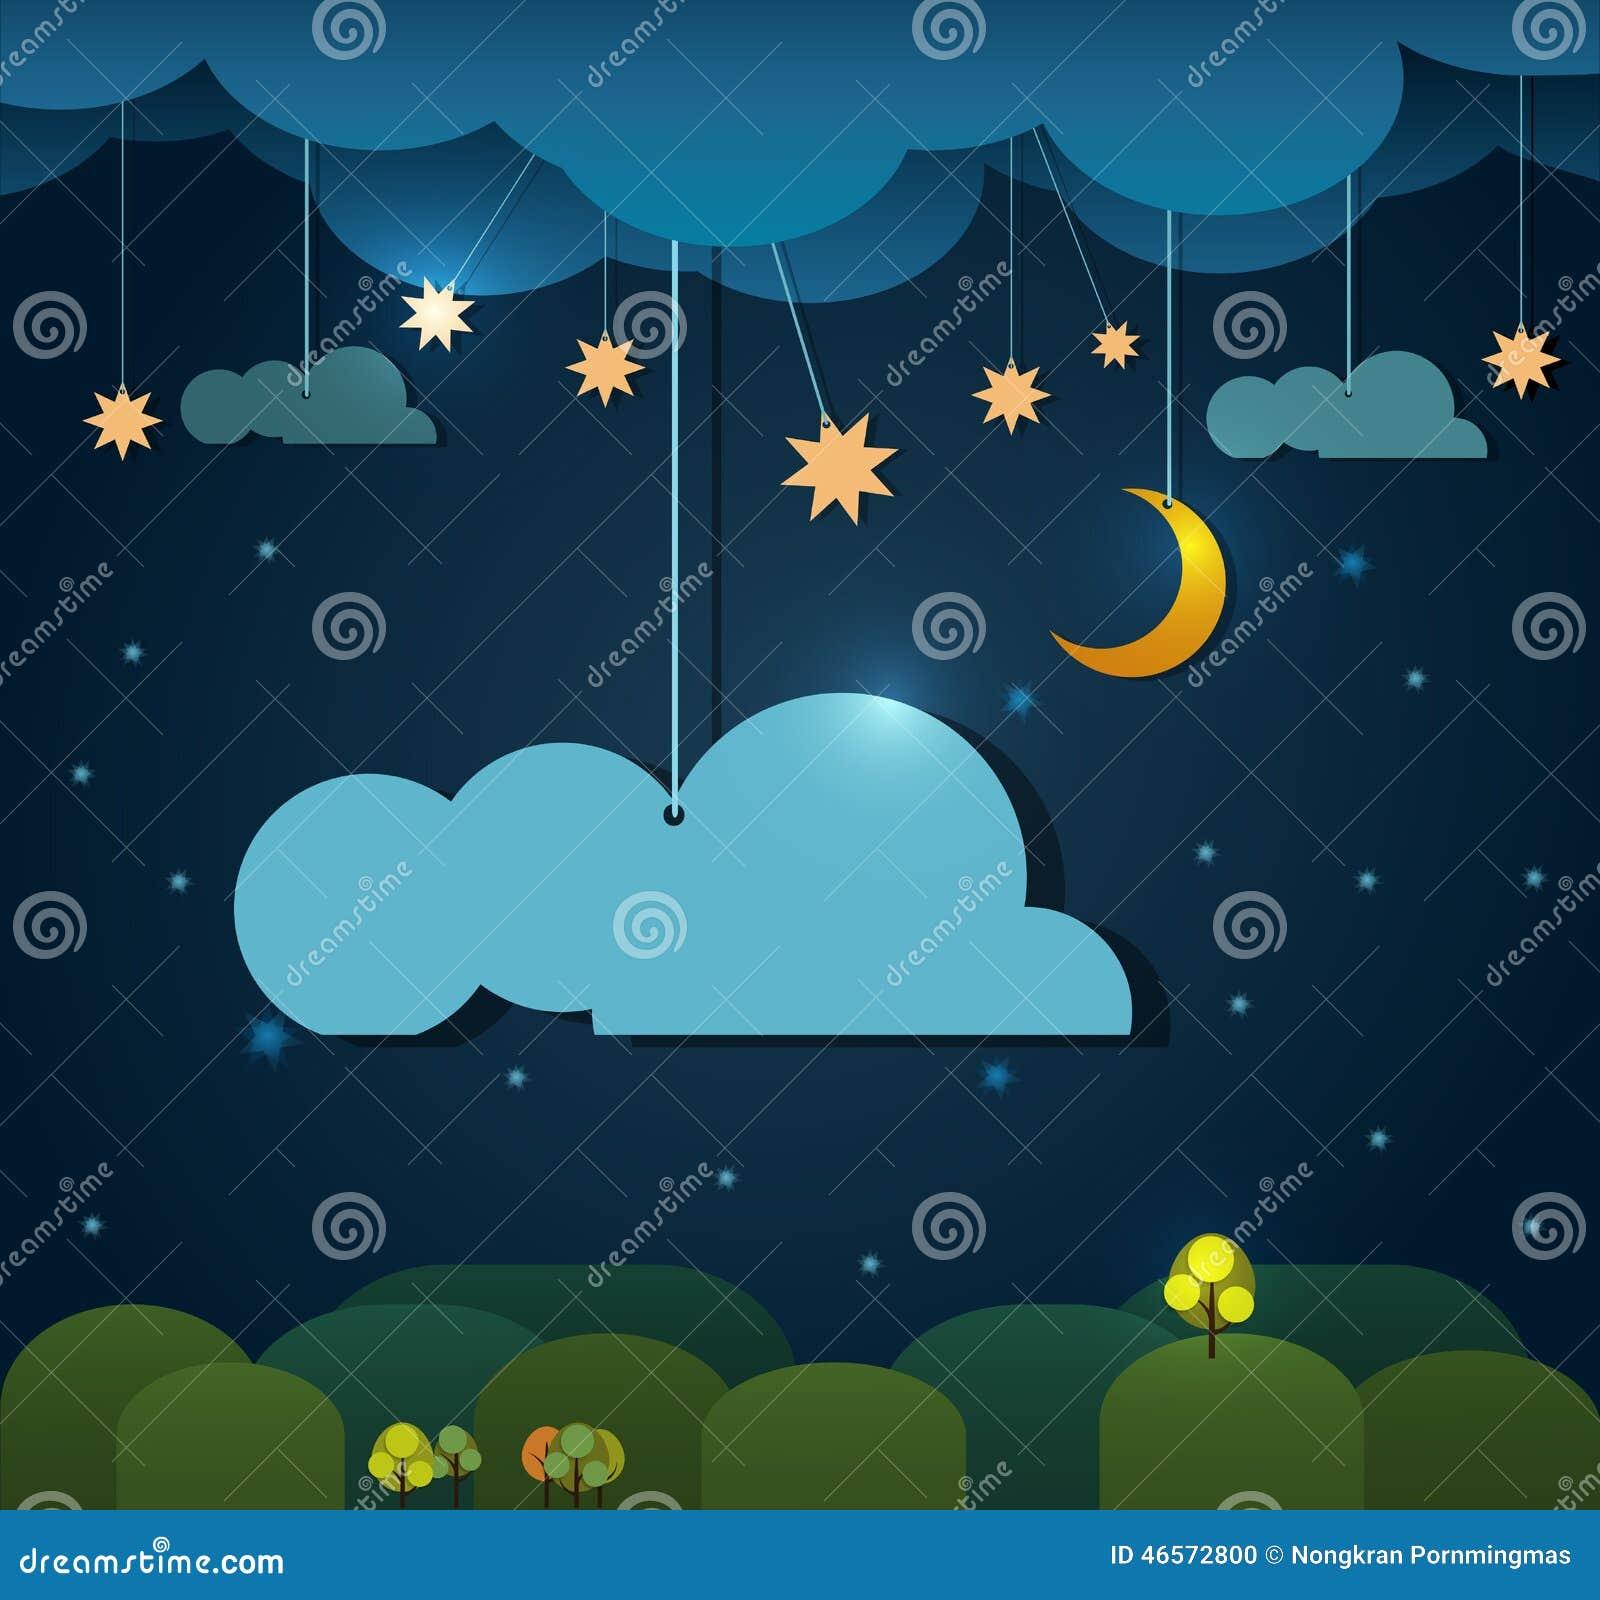 papier lune abstraite avec l 39 toile nuage et le ciel la nuit l ment vide de conception de nuage. Black Bedroom Furniture Sets. Home Design Ideas